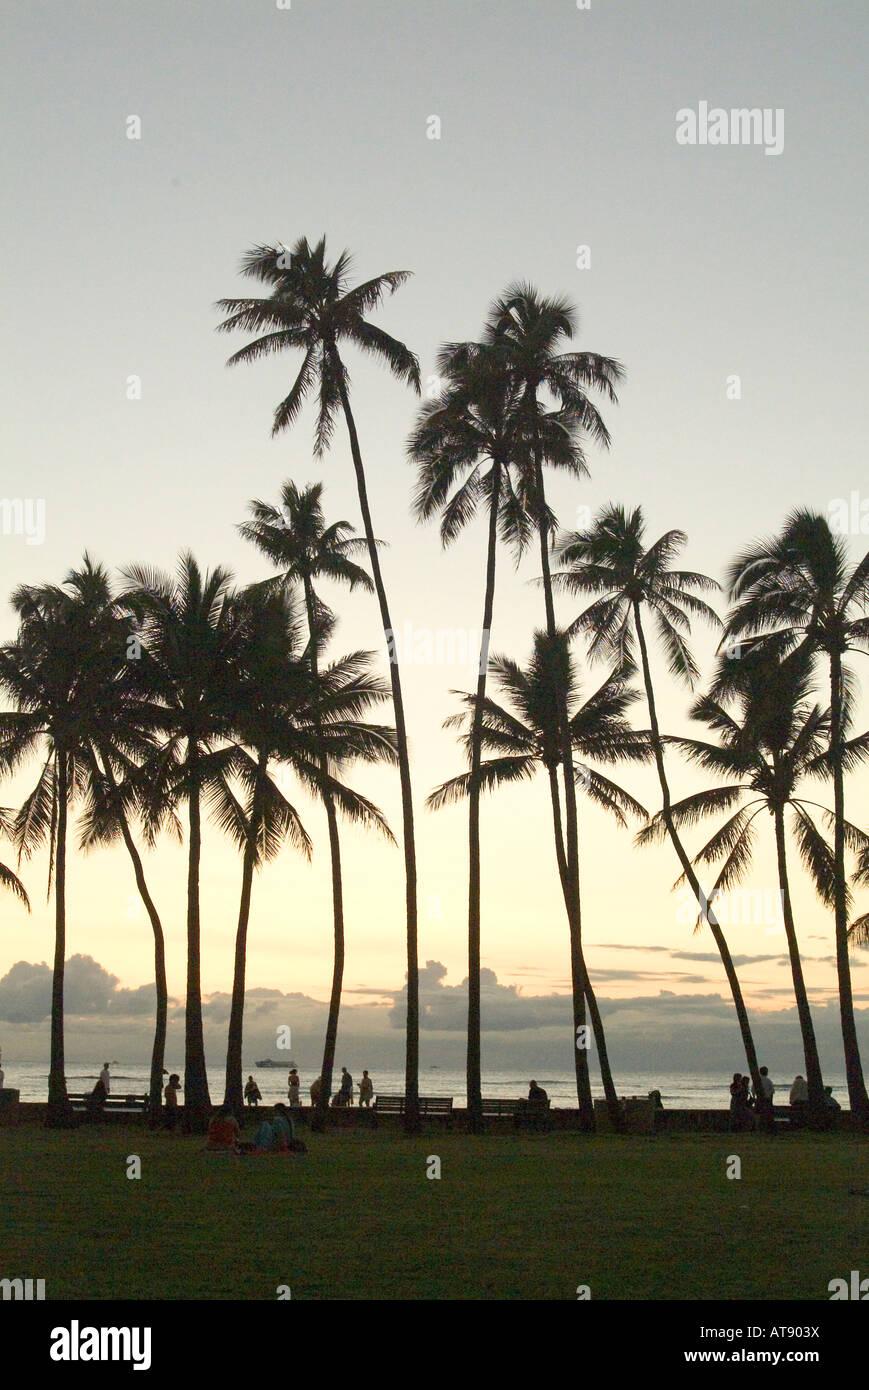 Altas palmeras al atardecer, San Souci beach, también conocido como Kaimana beach, cerca del parque Kapiolani, el Waikiki Foto de stock